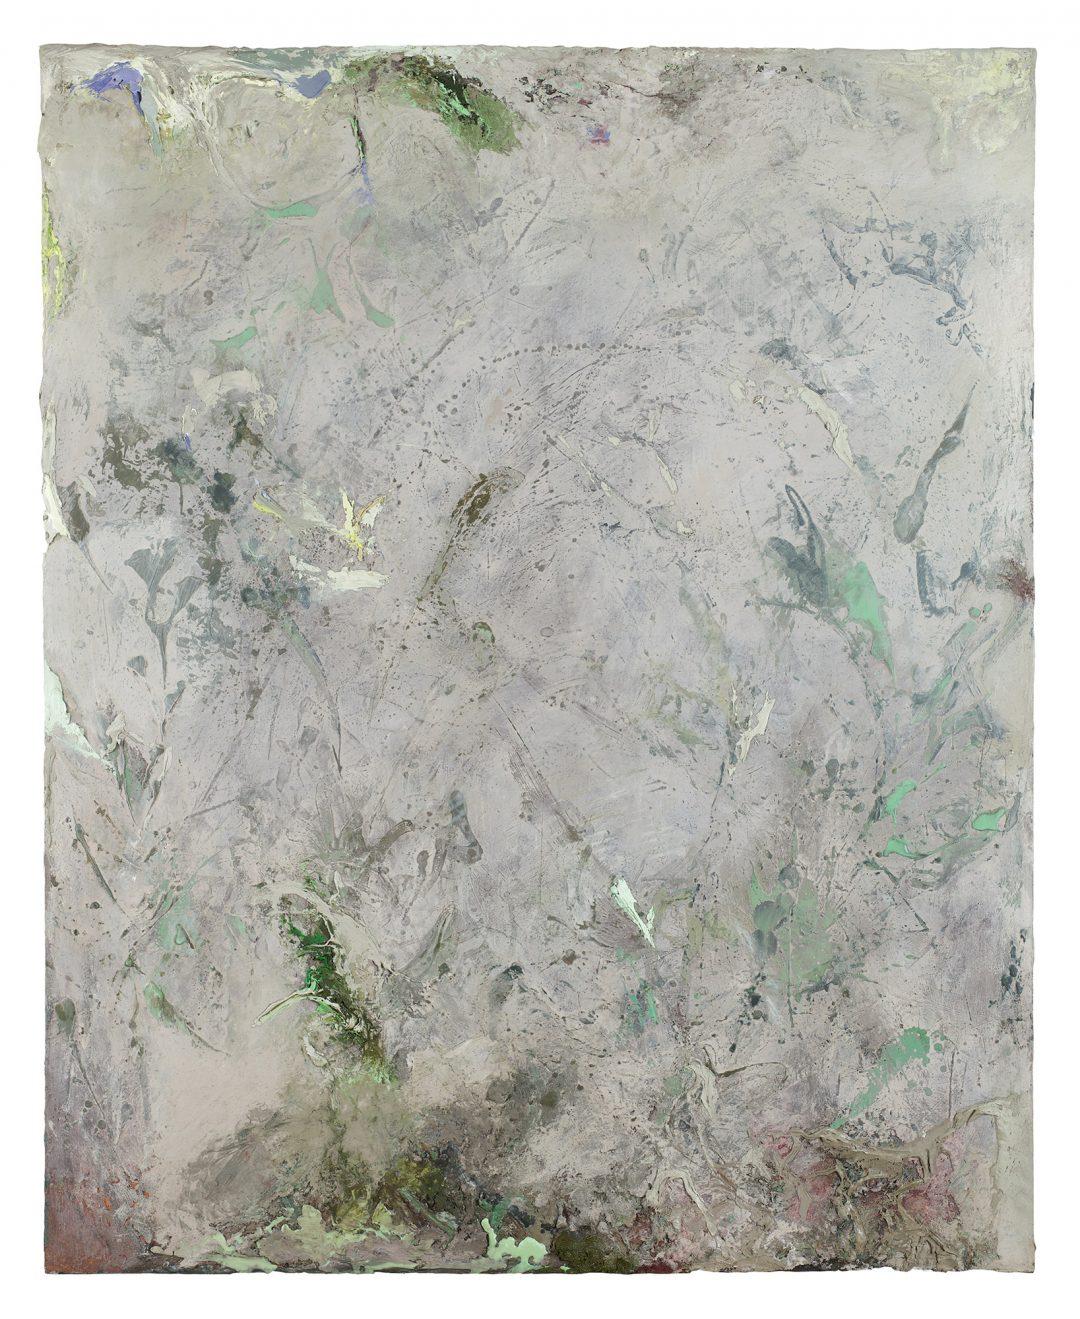 -anne-manoli-2018-peinture-huile-emulsion-et-cire-sur-toile-164cmx133cm-serie-les-moires-galerie-nicolas-deman-paris-